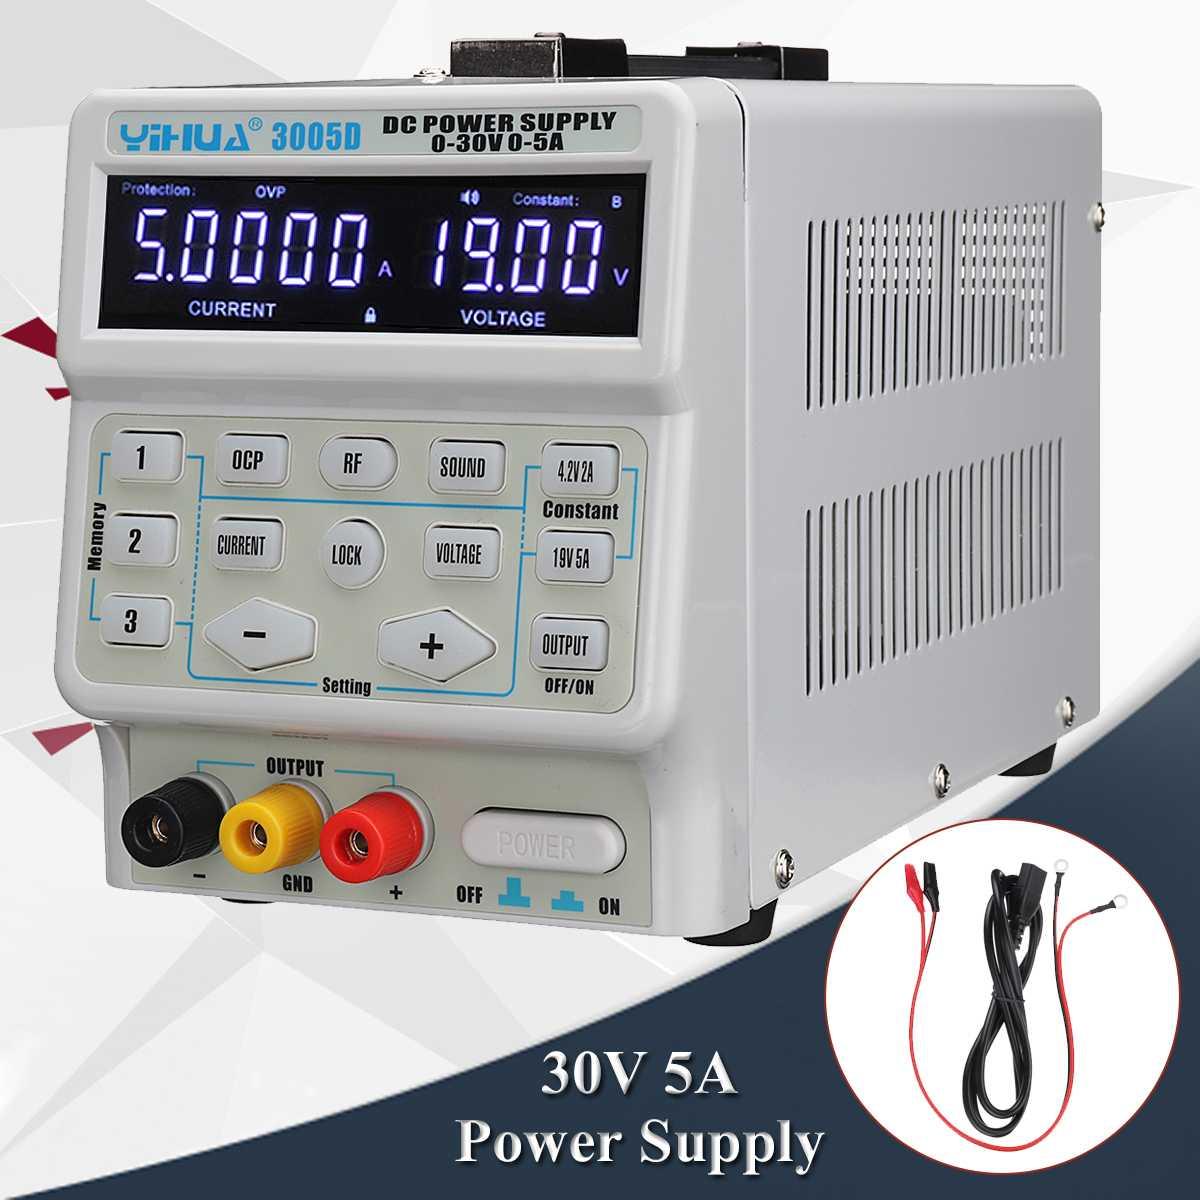 30 V 5A numérique DC commutateur alimentation professionnelle 110 V/220 V précis Variable double numérique réglable DC alimentation